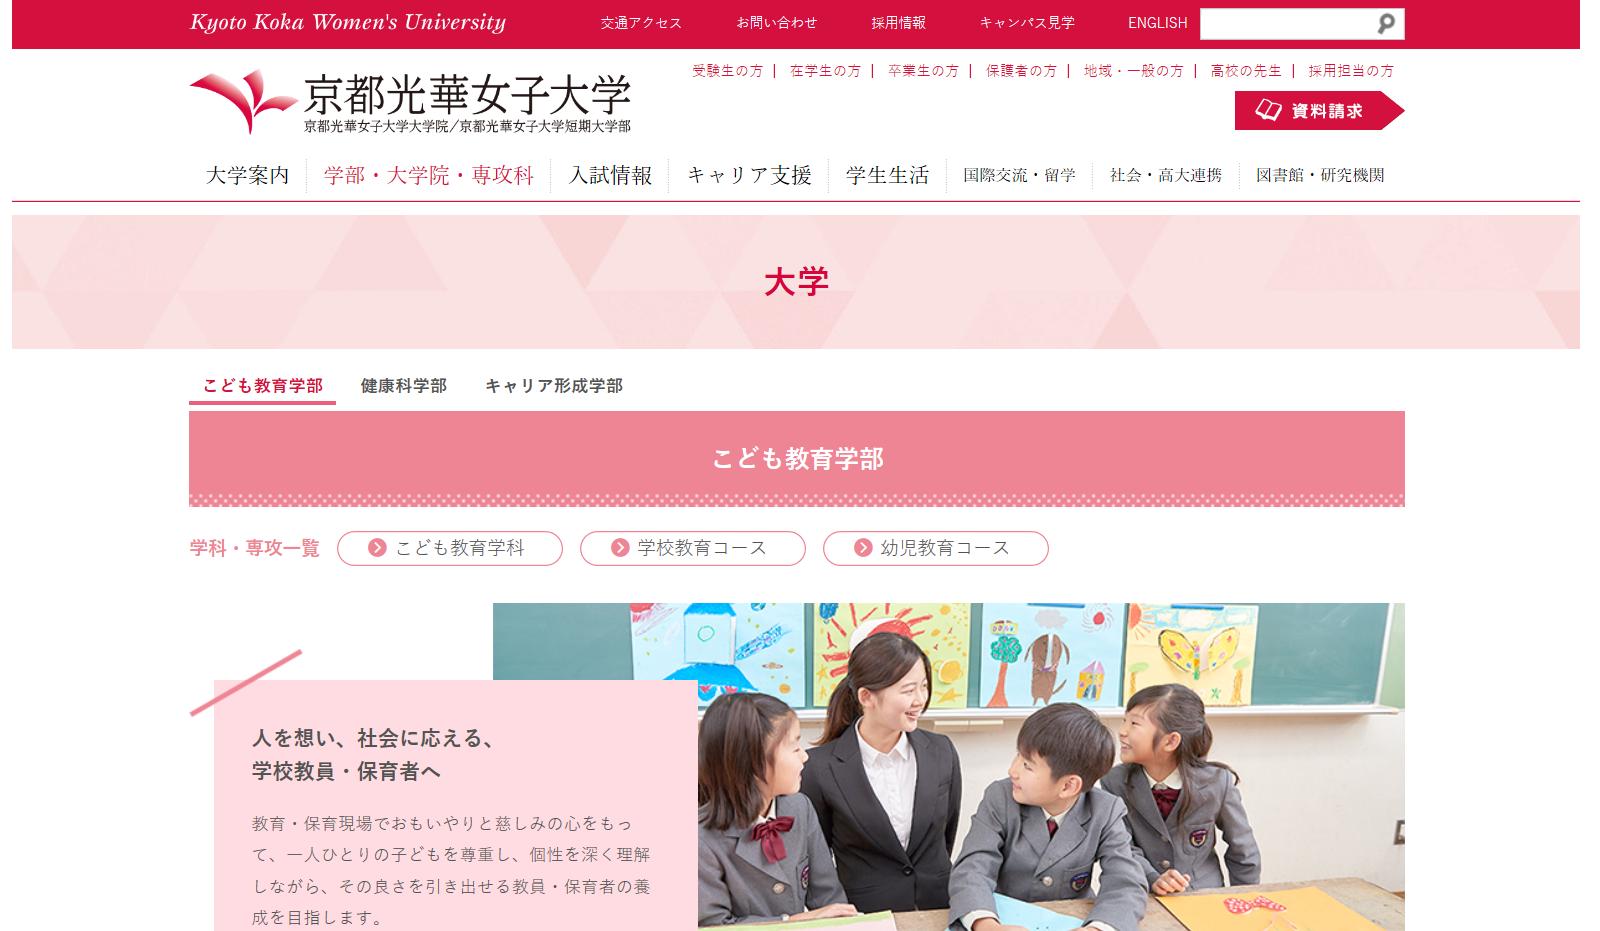 京都光華女子大学の評判・口コミ【こども教育学部編】